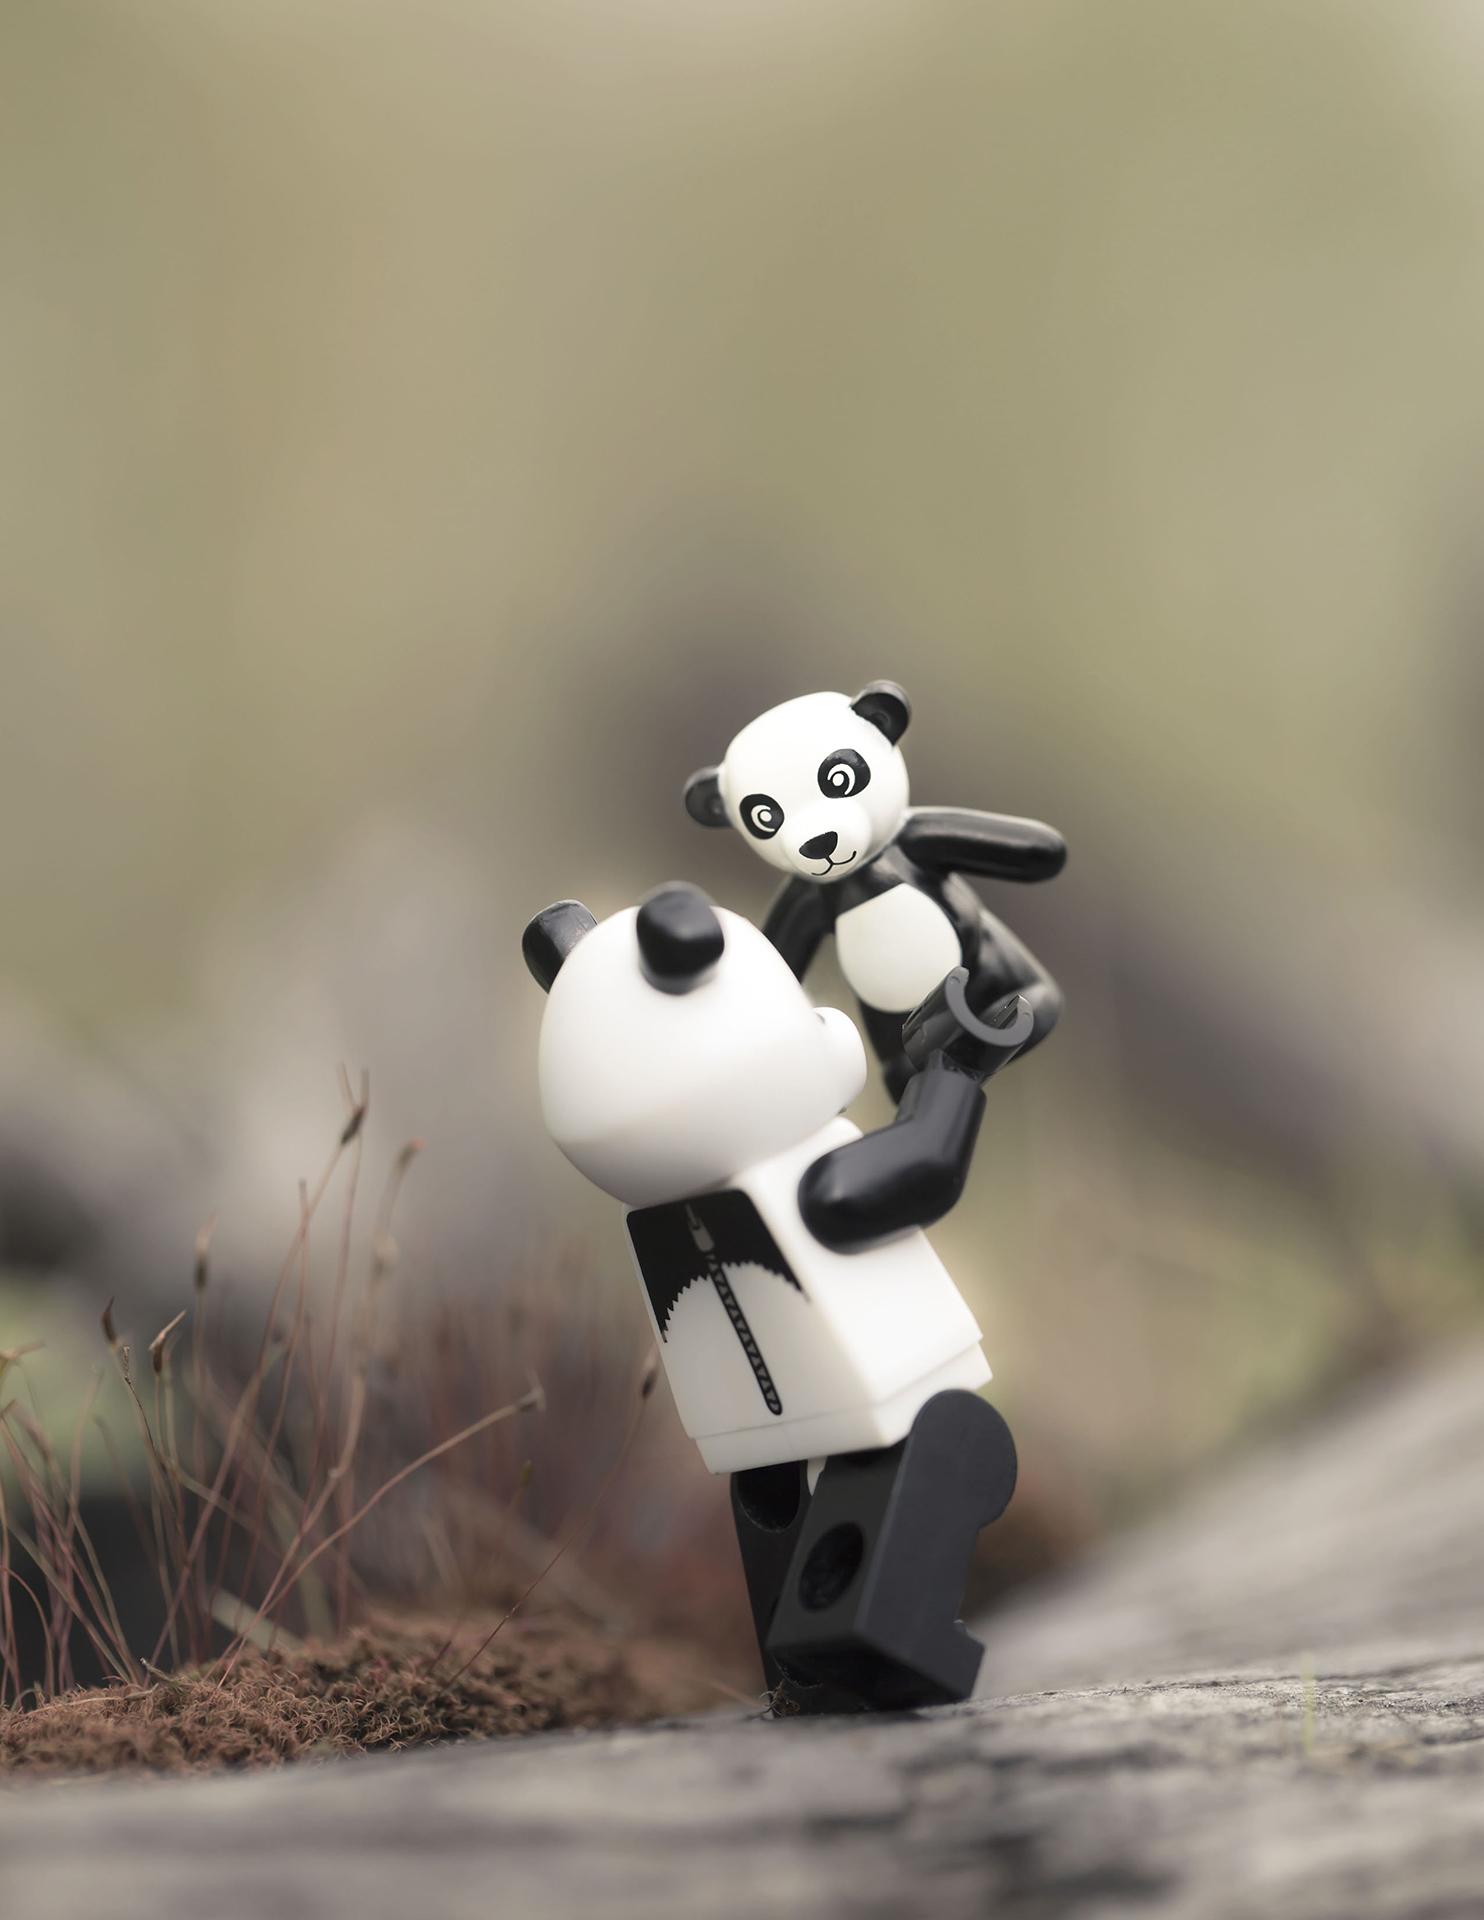 panda-lego-legography-freindship